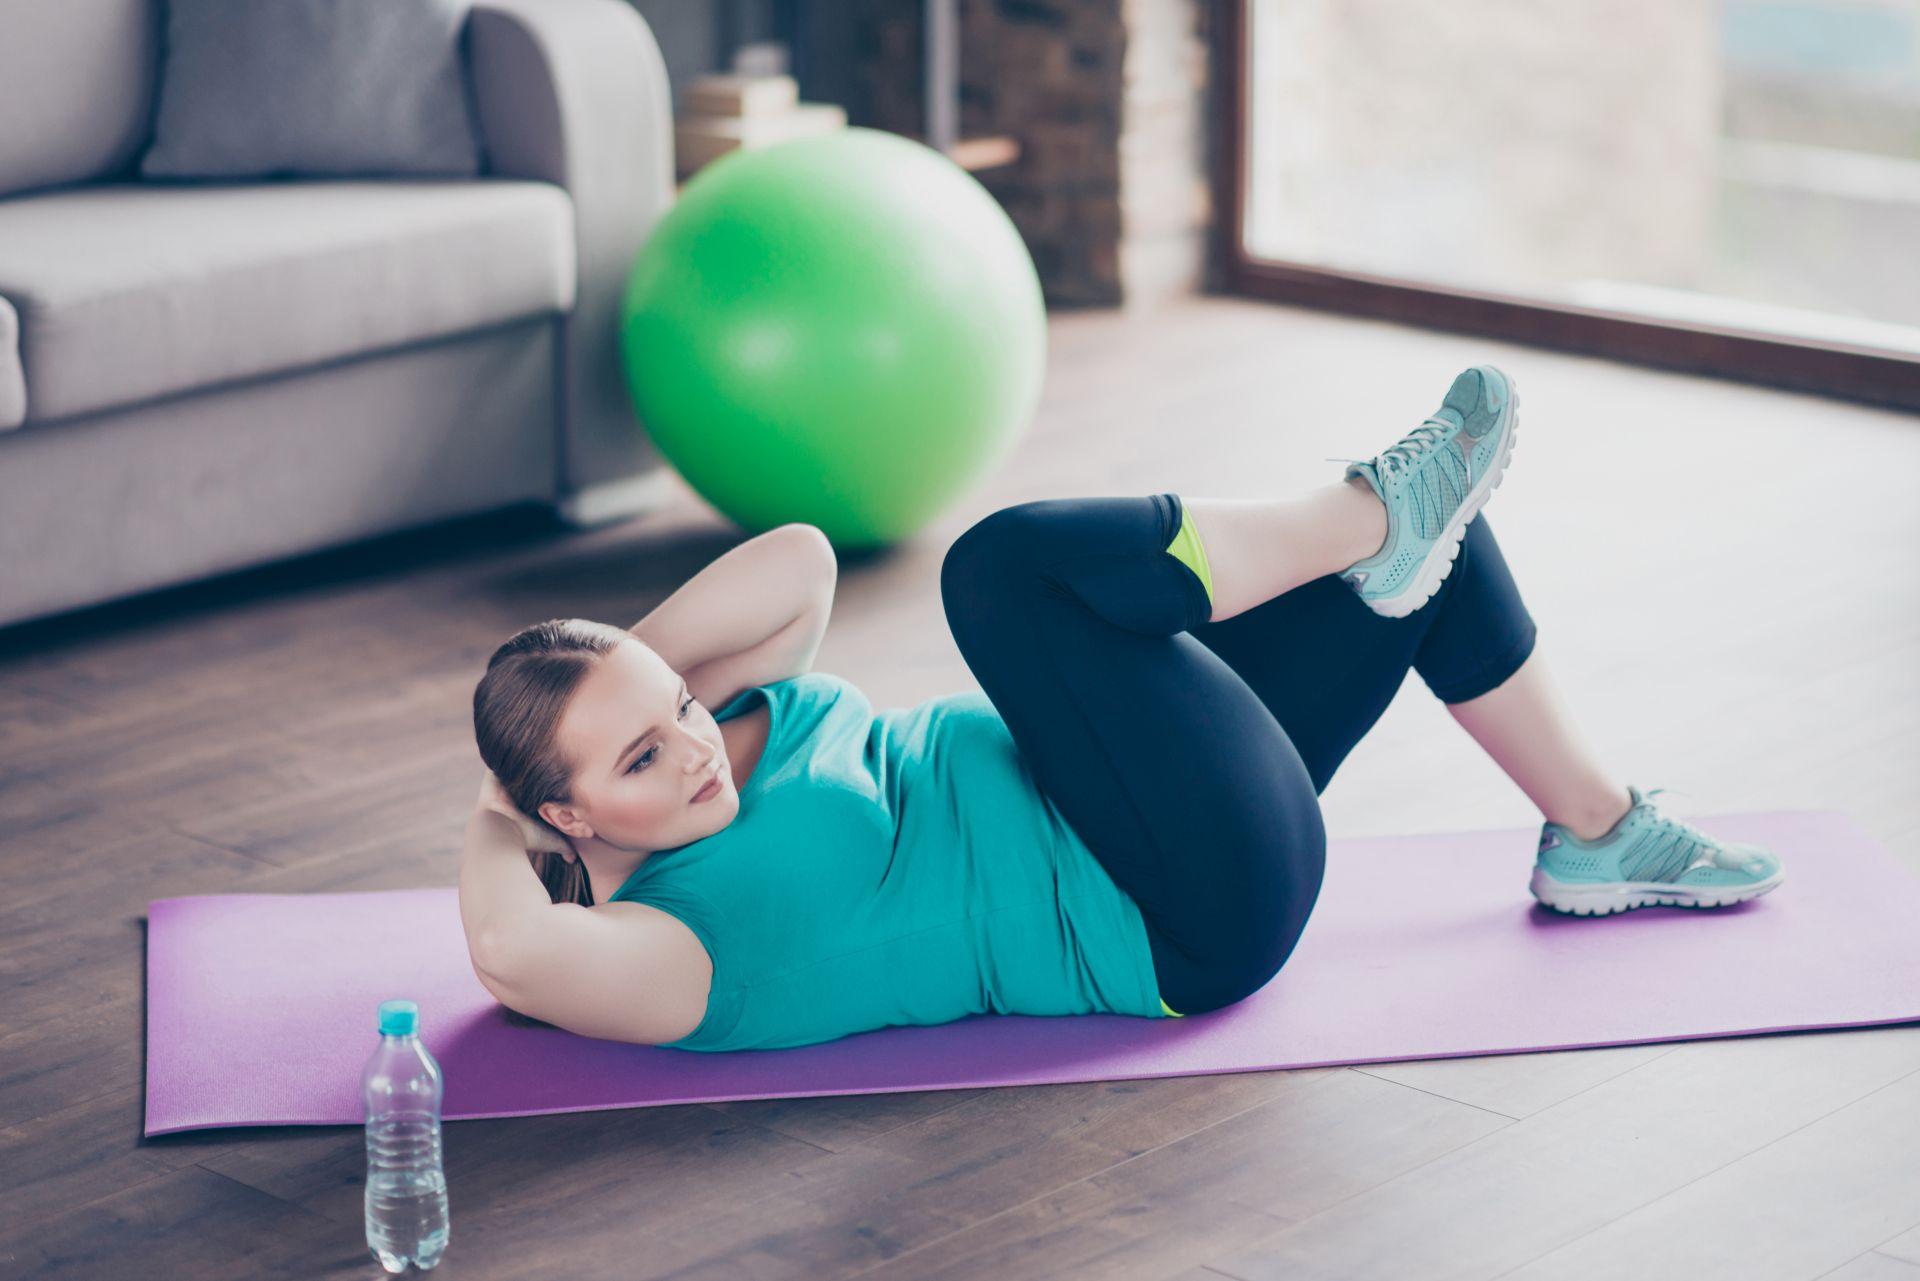 Umiarkowana aktywność fizyczna - dlaczego warto zadbać o sprawność ruchową, jakie korzyści zdrowotne przynoszą ćwiczenia dla początkujących bez kondycji i jak motywować się do regularnej aktywności?